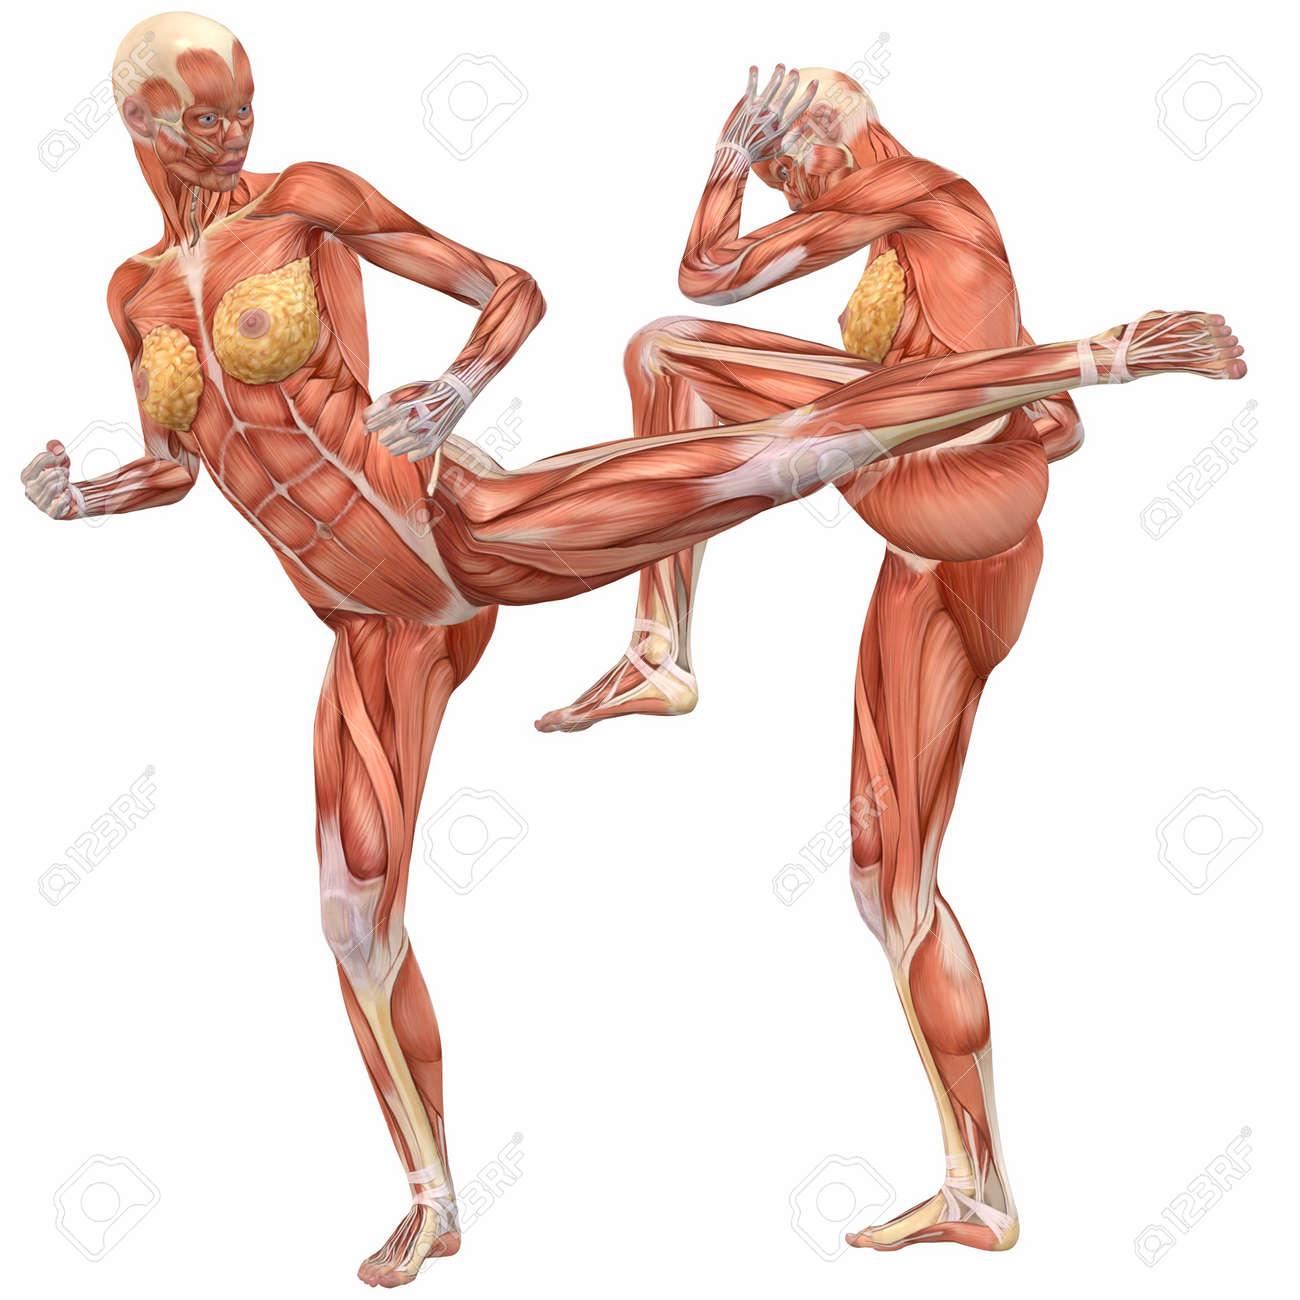 El Cuerpo Humano Femenino Anatomía-Street Fight Fotos, Retratos ...